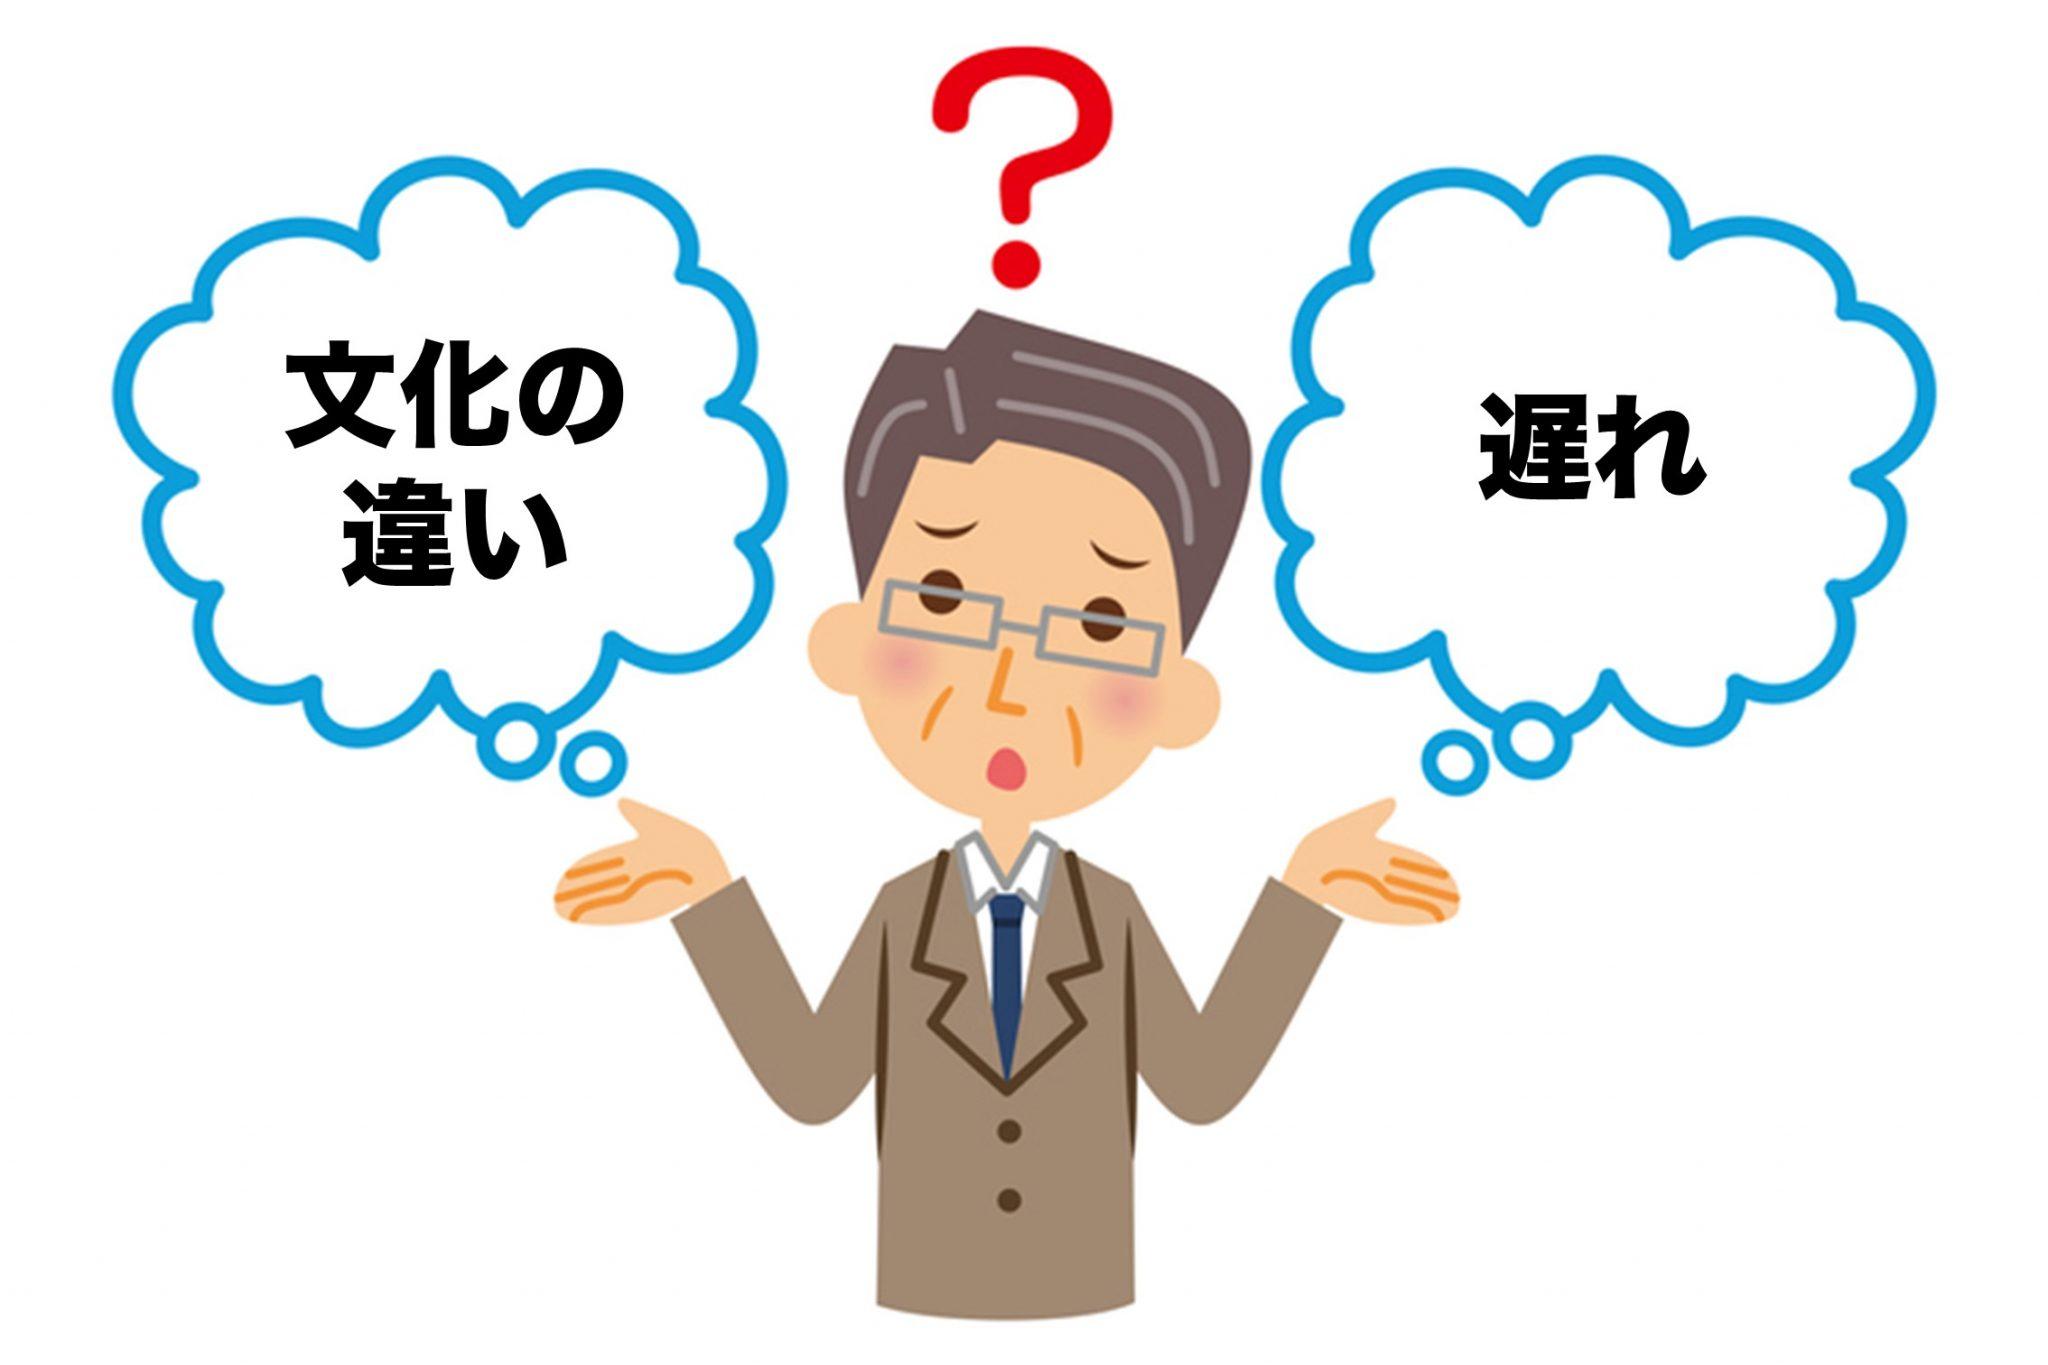 【海外から見た日本の営業】B2B営業における日本と海外の違いと営業改革のヒント